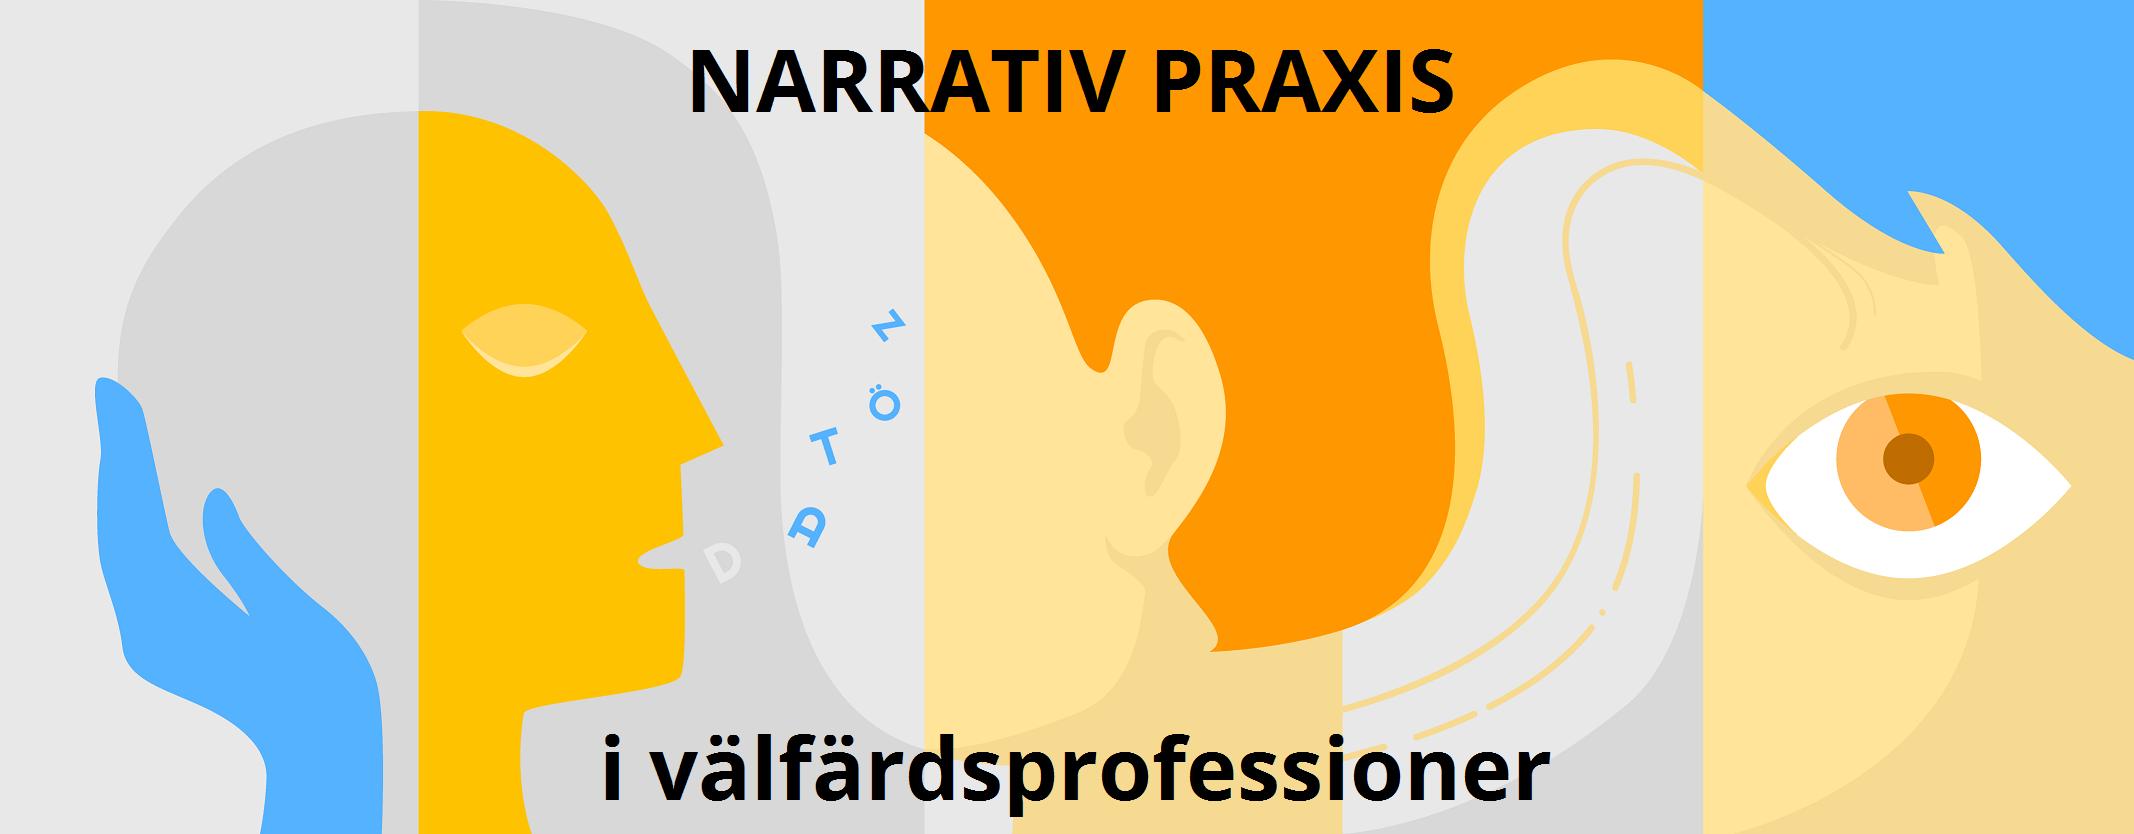 Narrativ praxis i välfärdsprofessioner